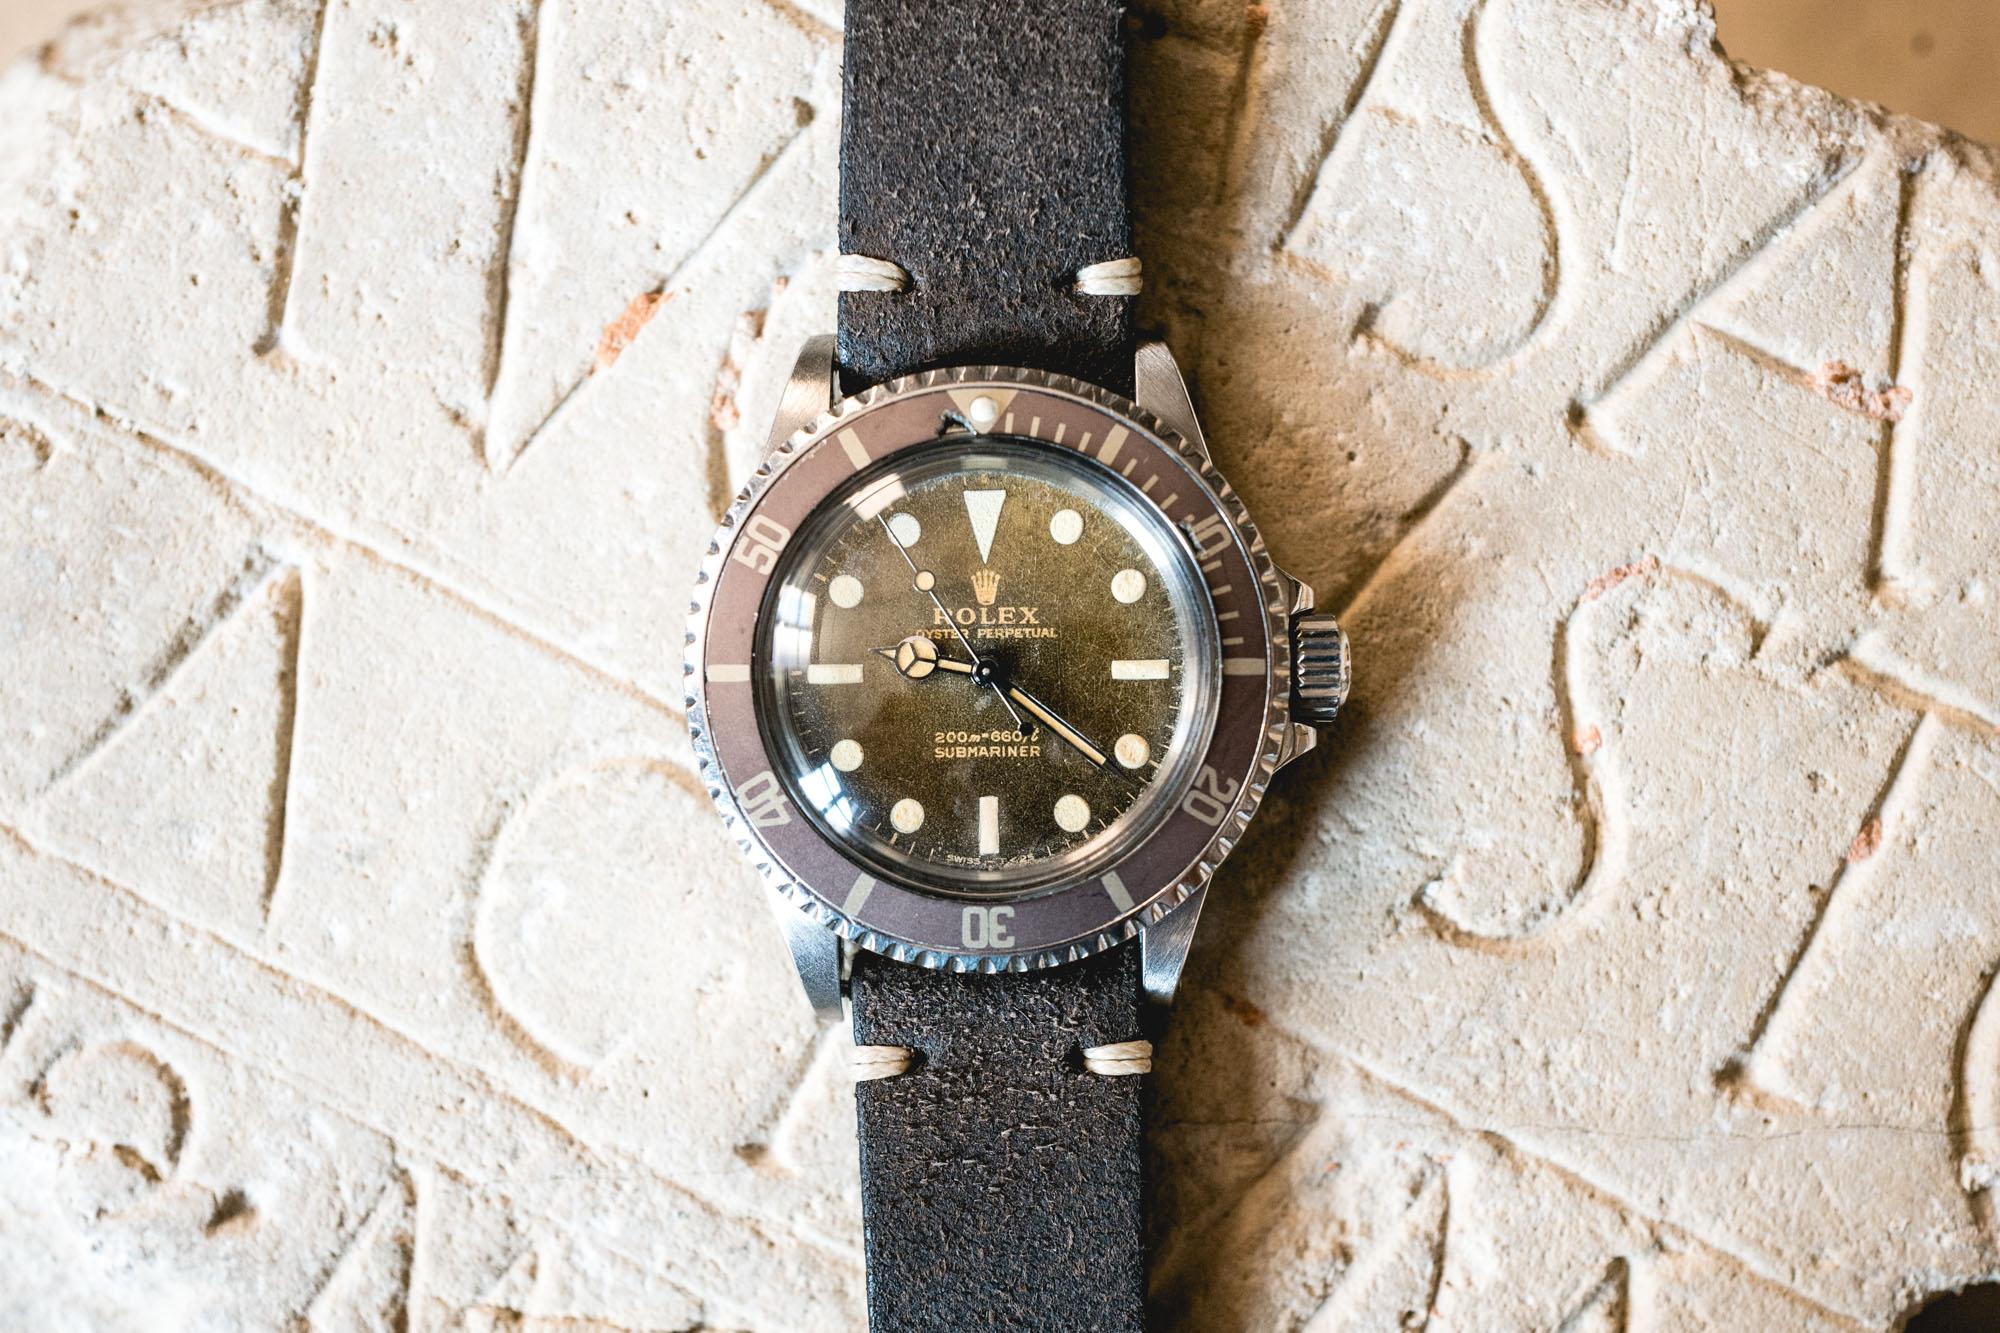 Leclere - Vente de Montres de Collection - Rolex Submariner 5513